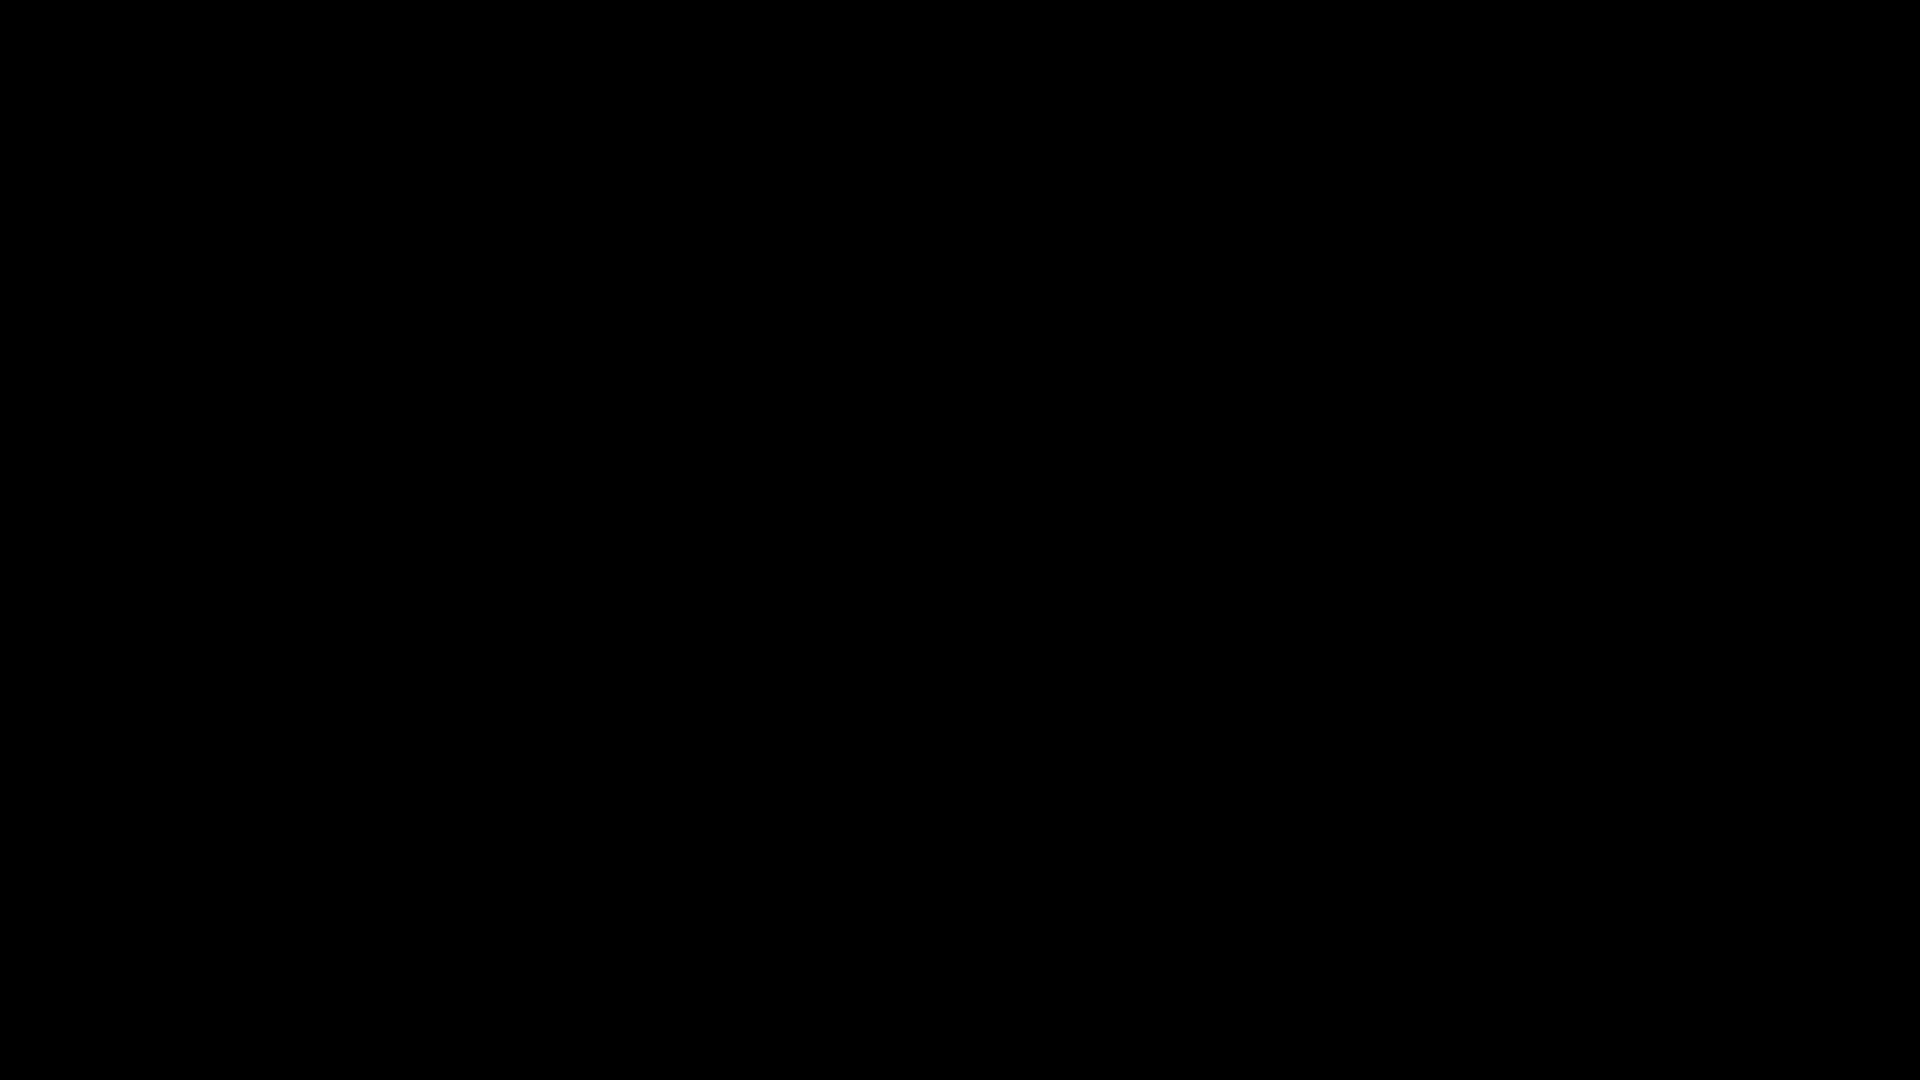 C∆_SXSW_v11.052.jpeg